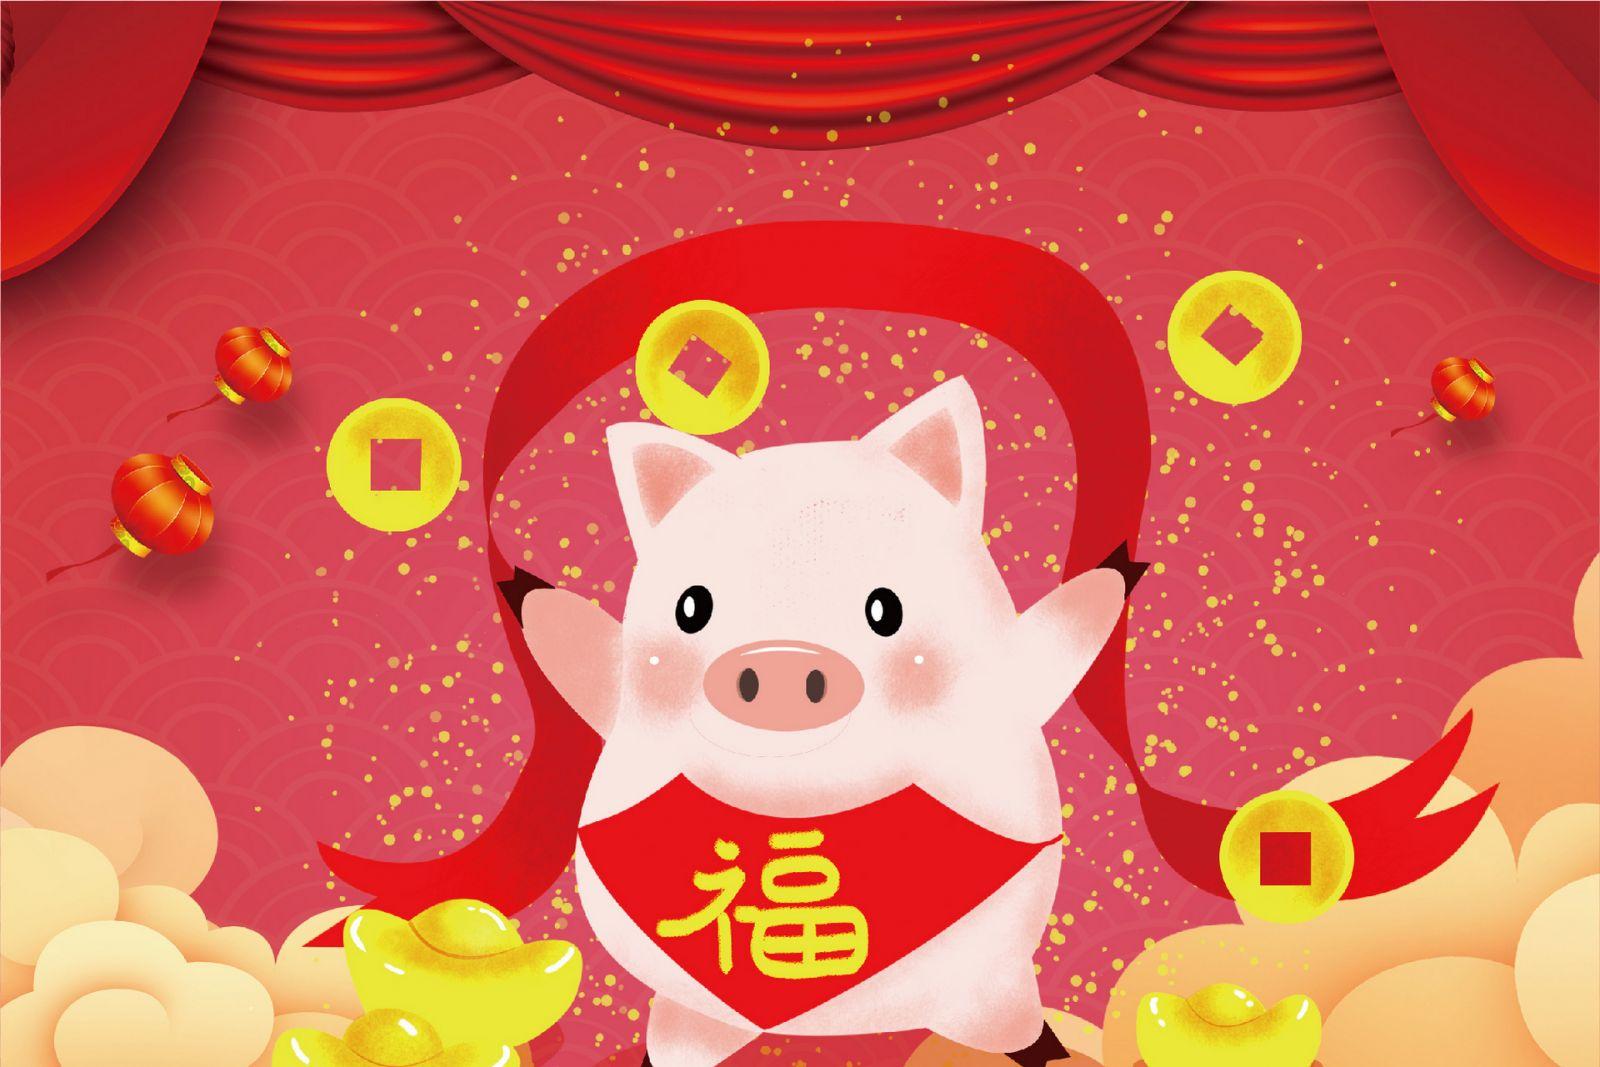 【金豬迎新 樂遊國賓 】住房專案